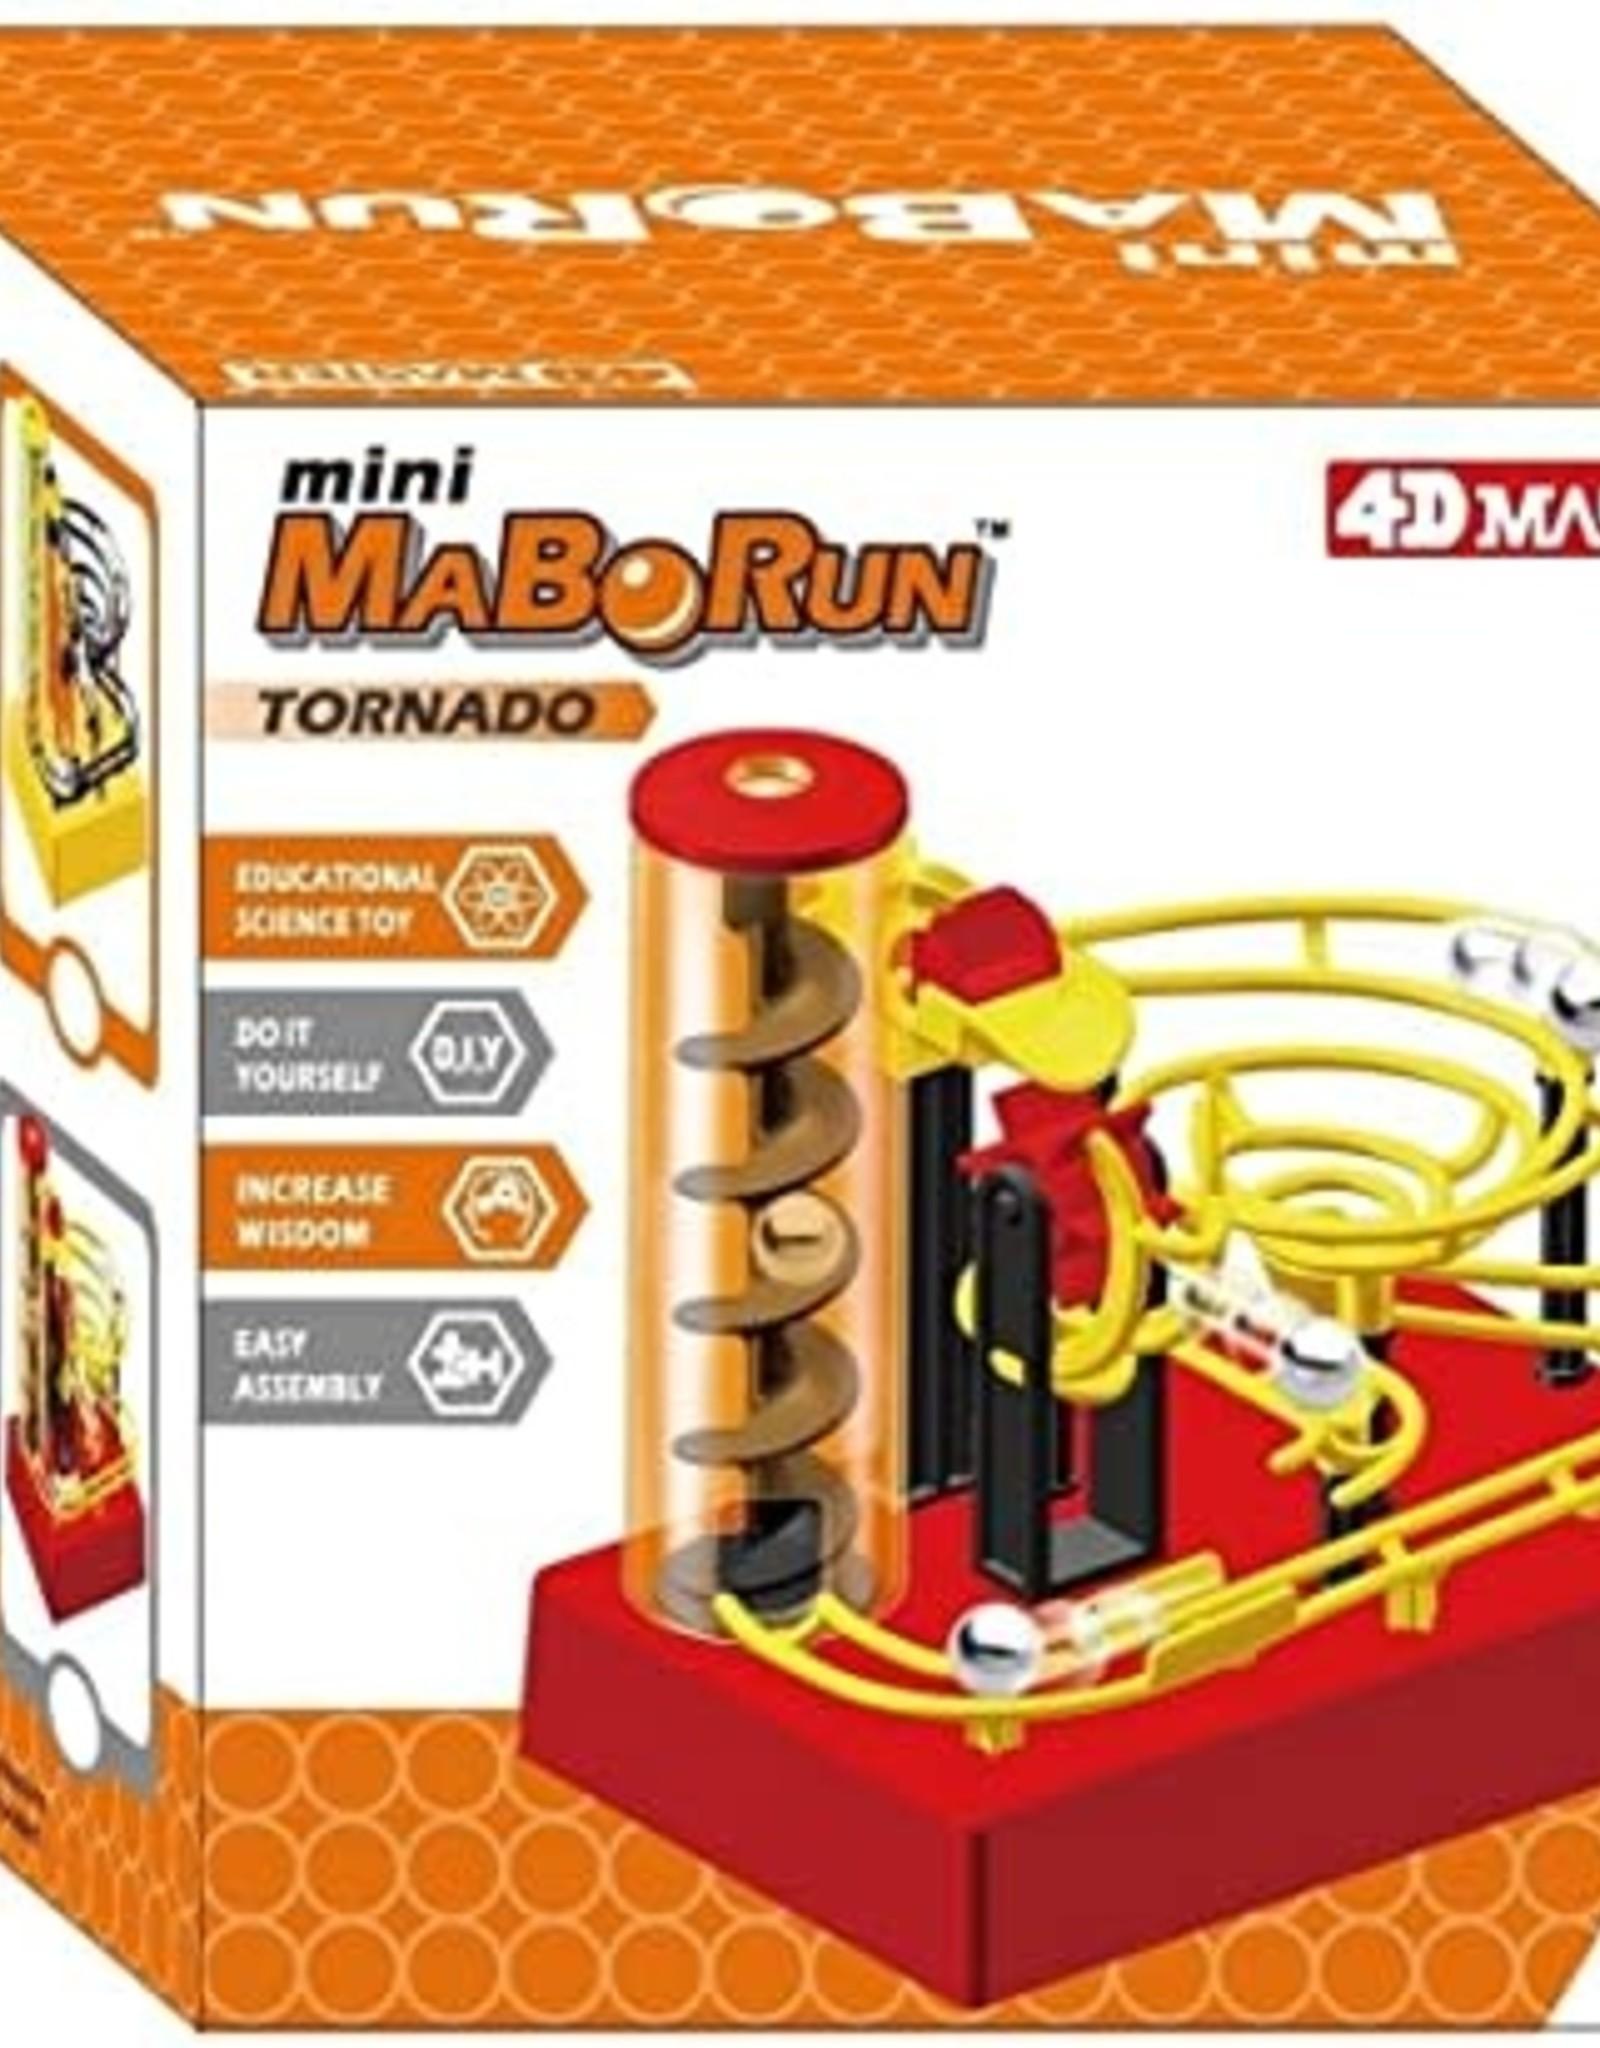 Maborun Mini Tornado Twist